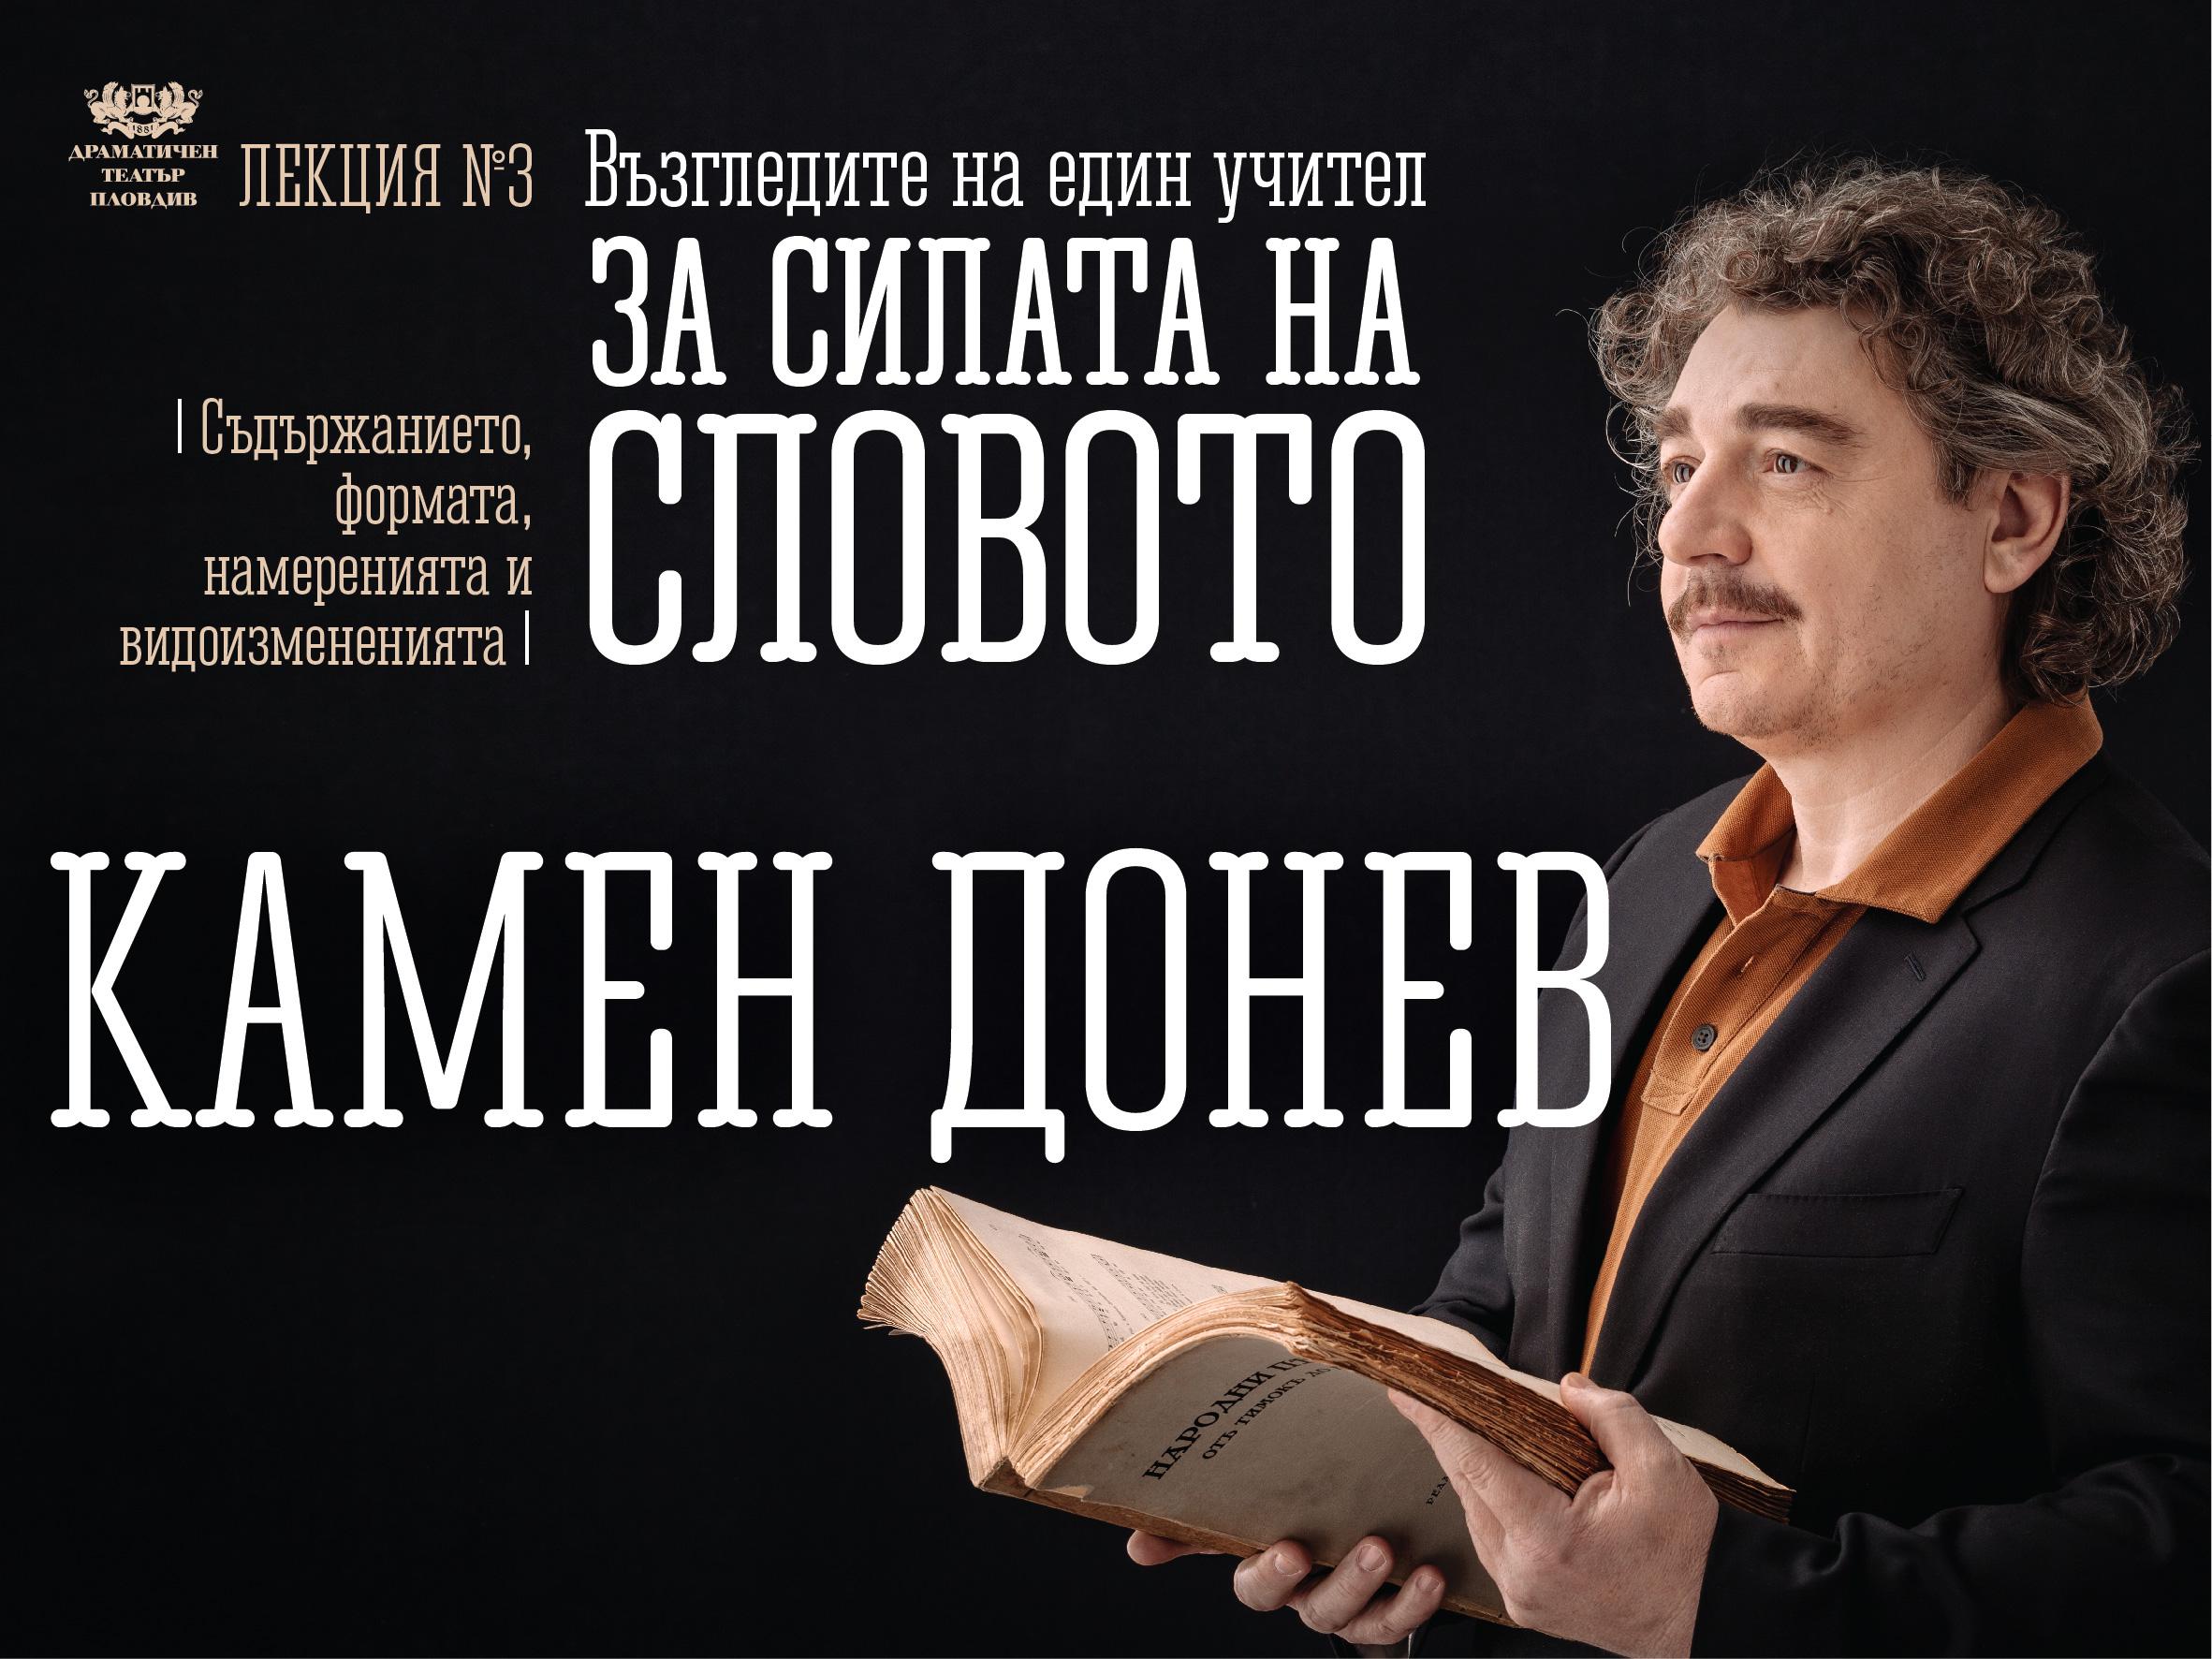 """Театралният фестивал """"СОФИЯ МОНО"""" се завръща с три премиерни заглавия от 1 до 22 юни 26"""